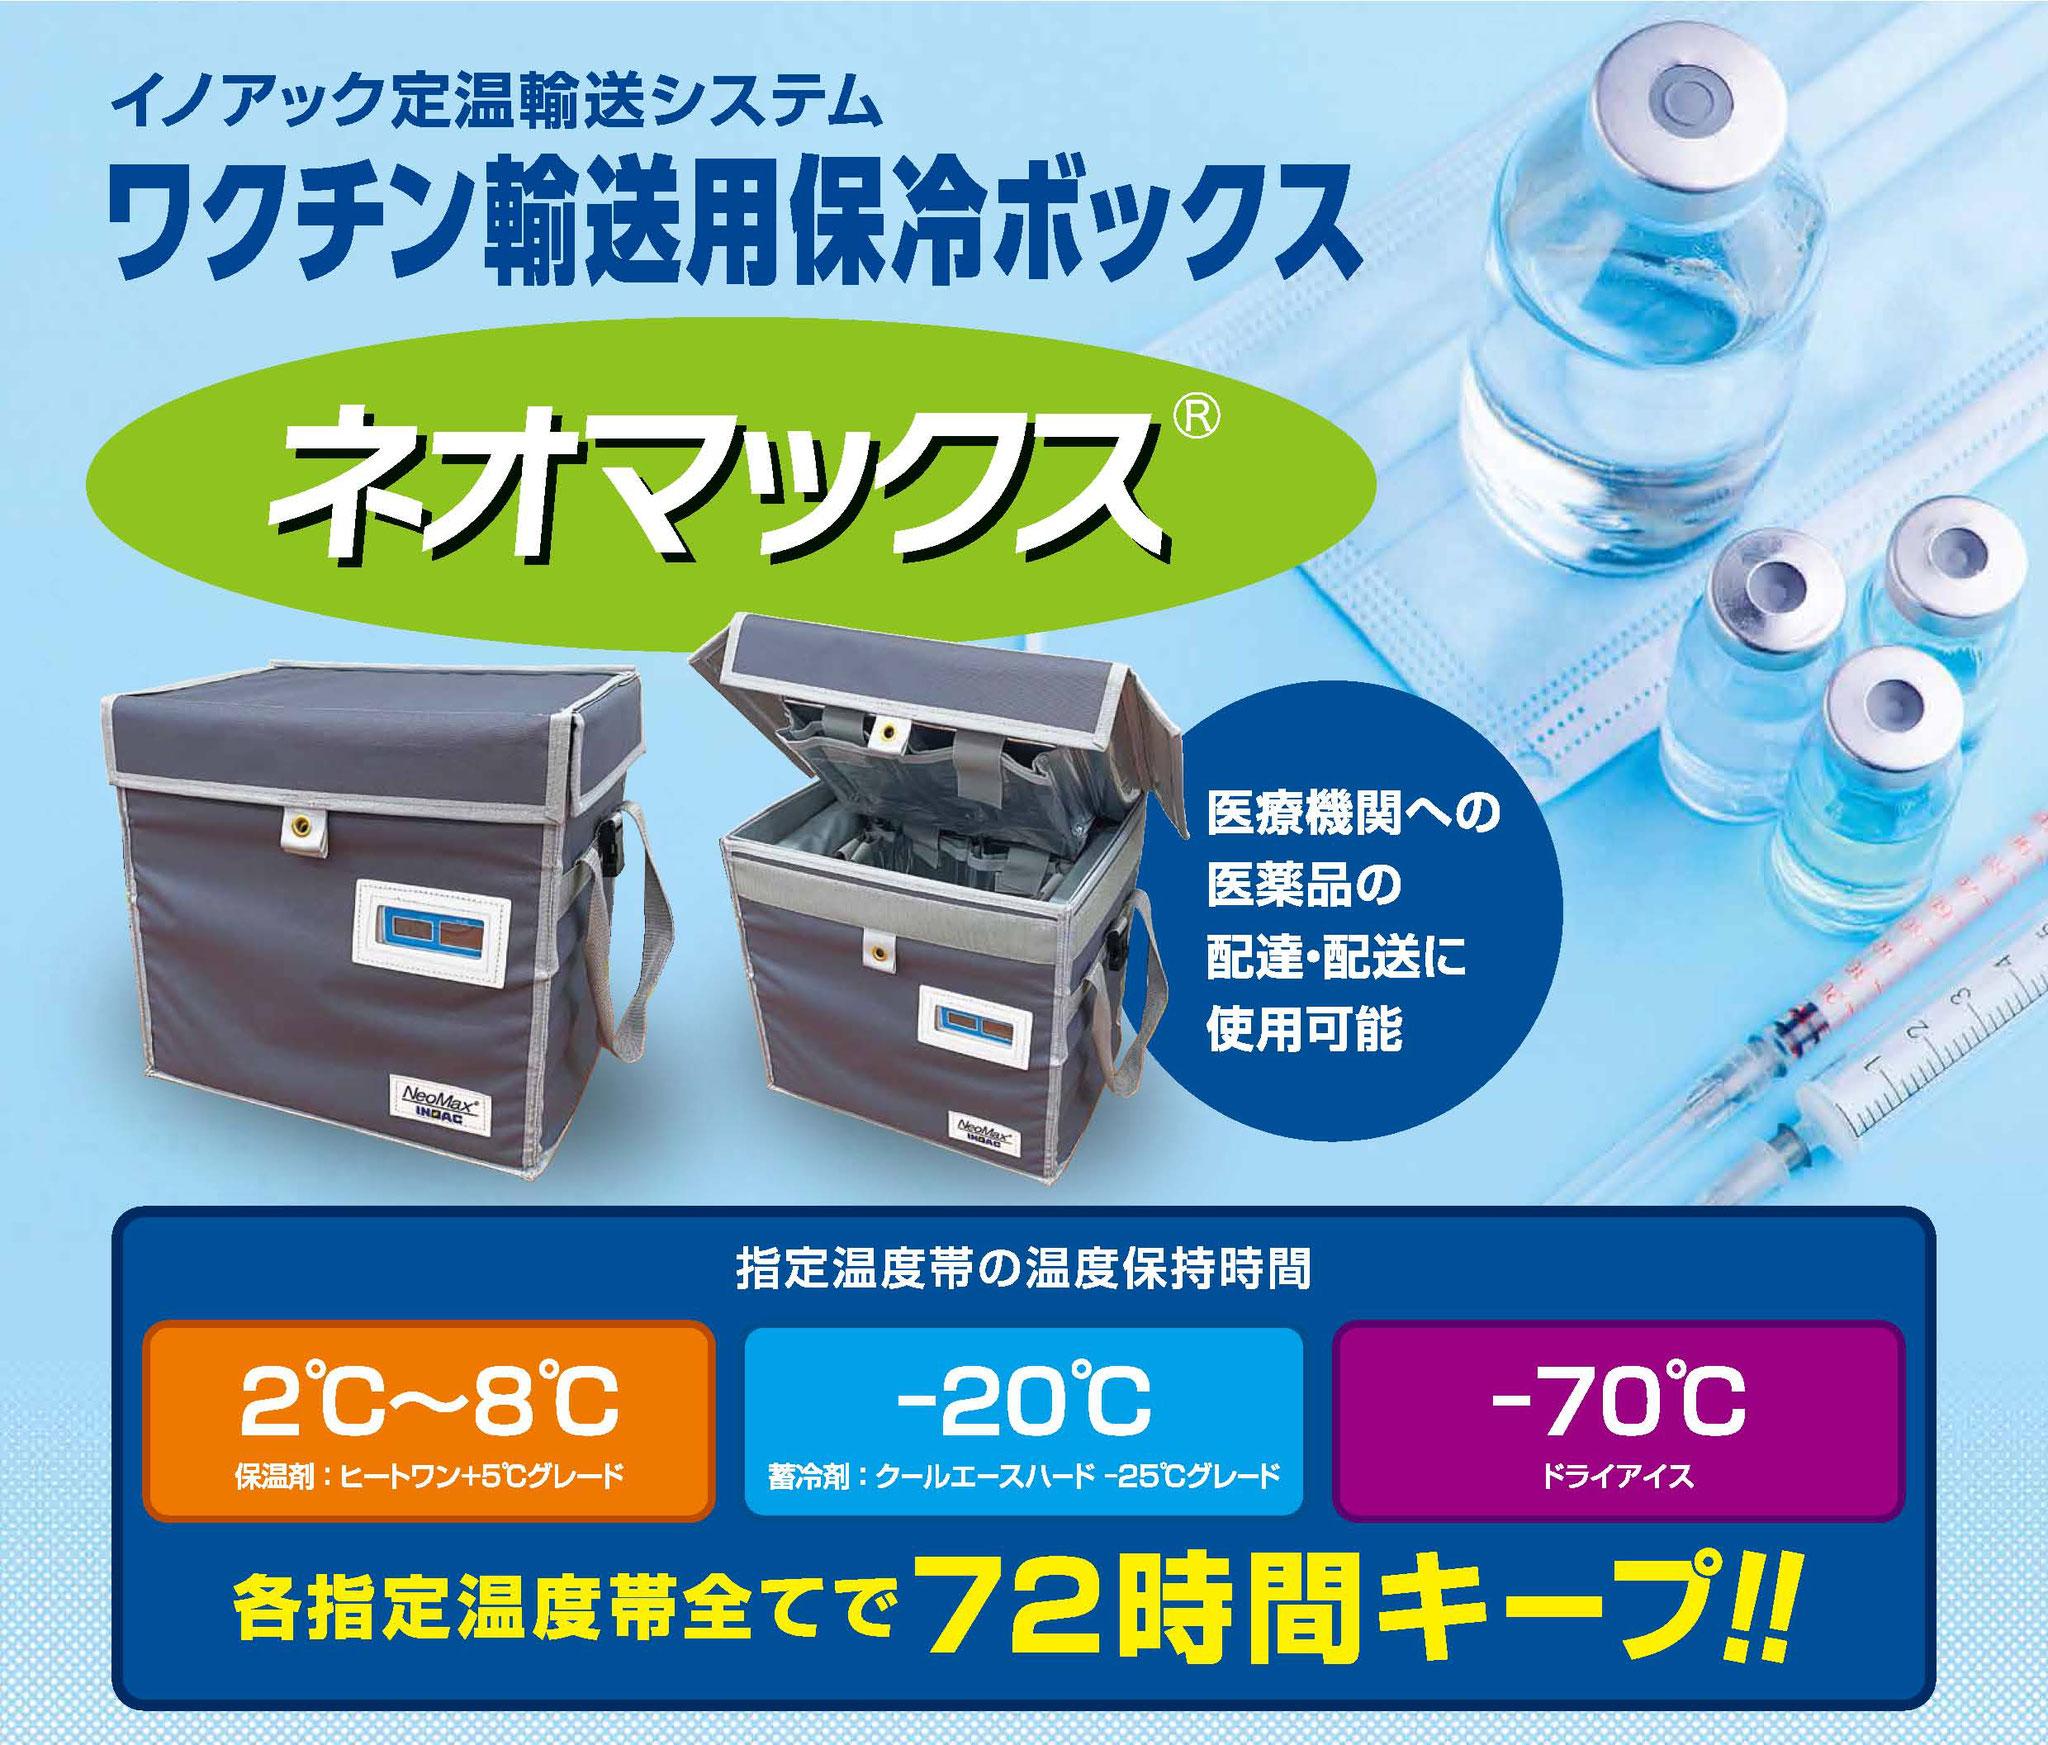 ワクチン輸送用保冷ボックス『ネオマックス🄬』